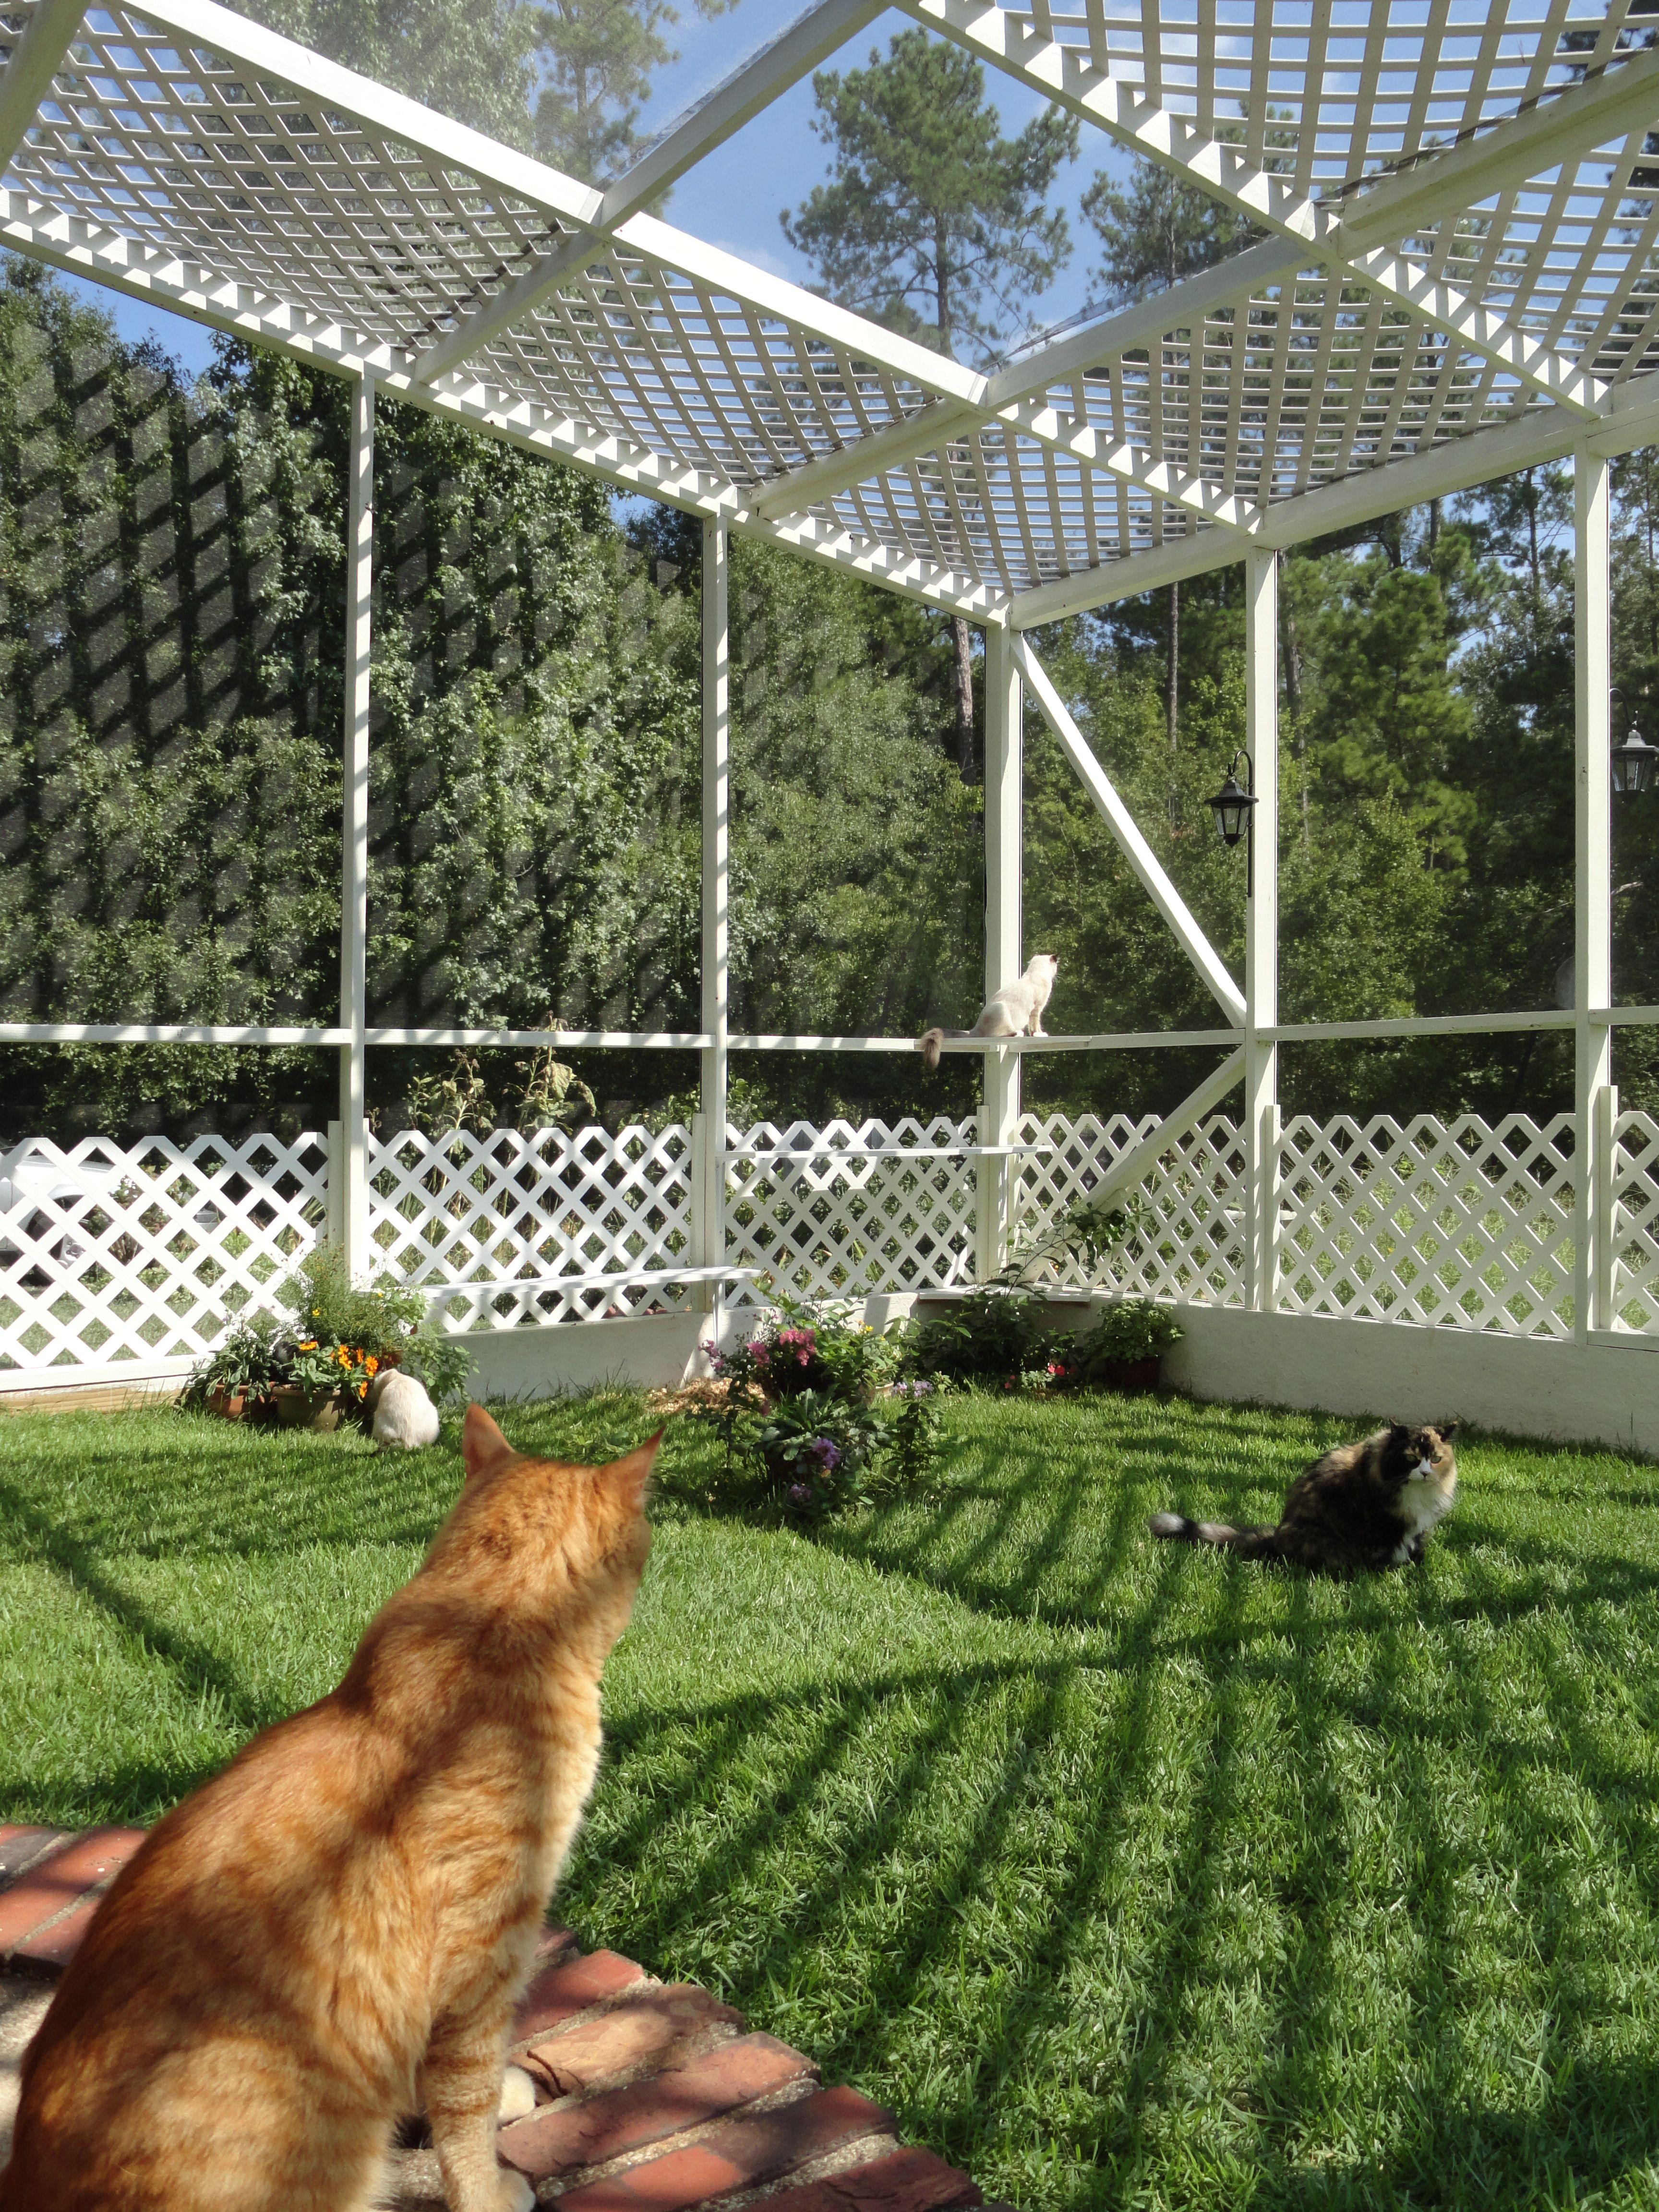 kitties enjoying their garden